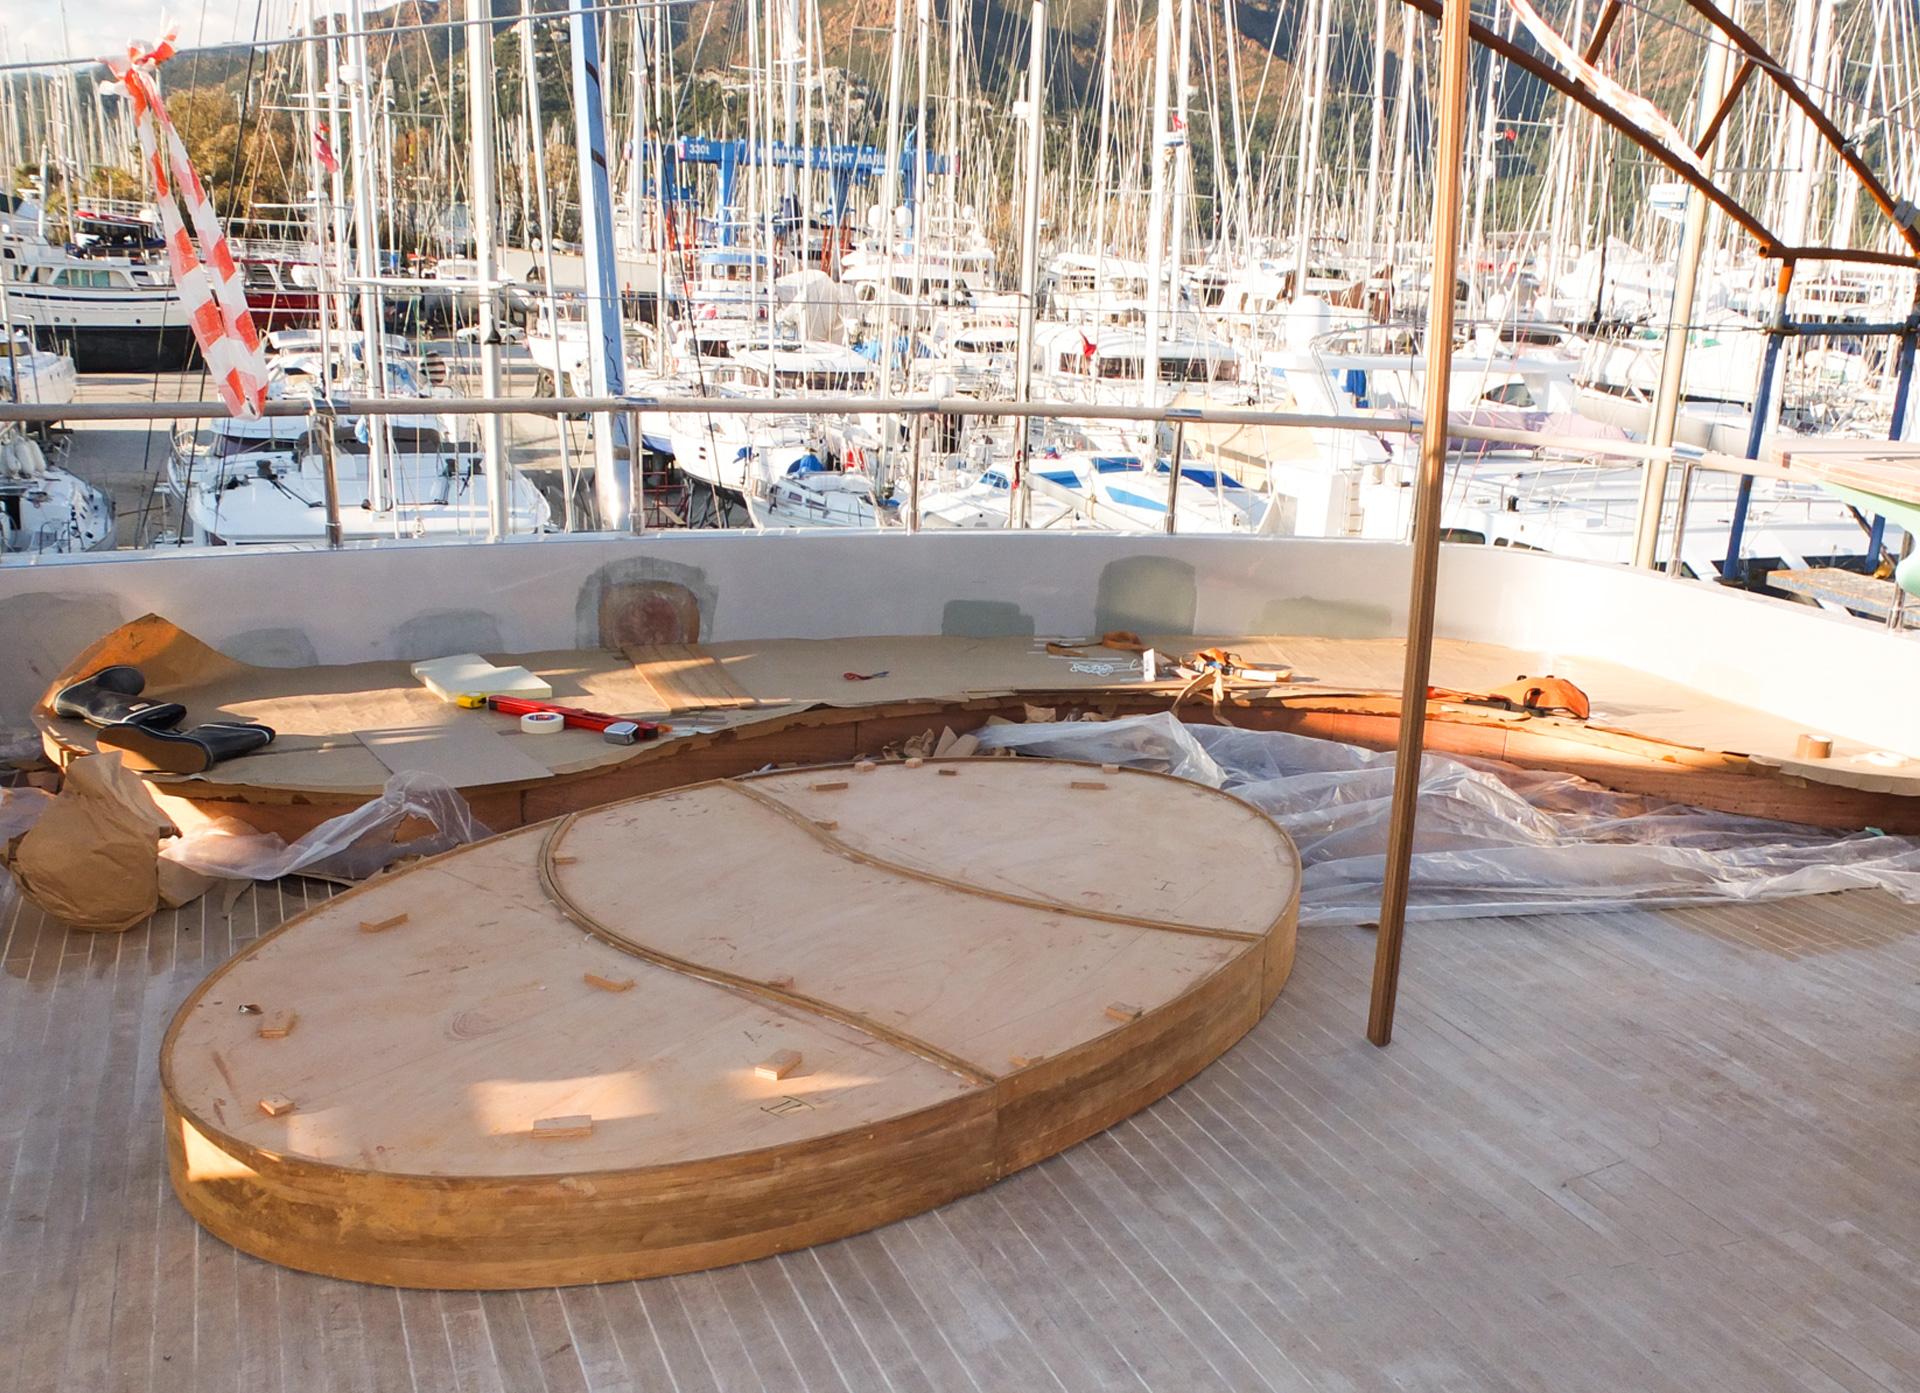 11_Raumausstattung_Schueler_Koeln_Nippes_textile_Bootsausstattung_Yacht